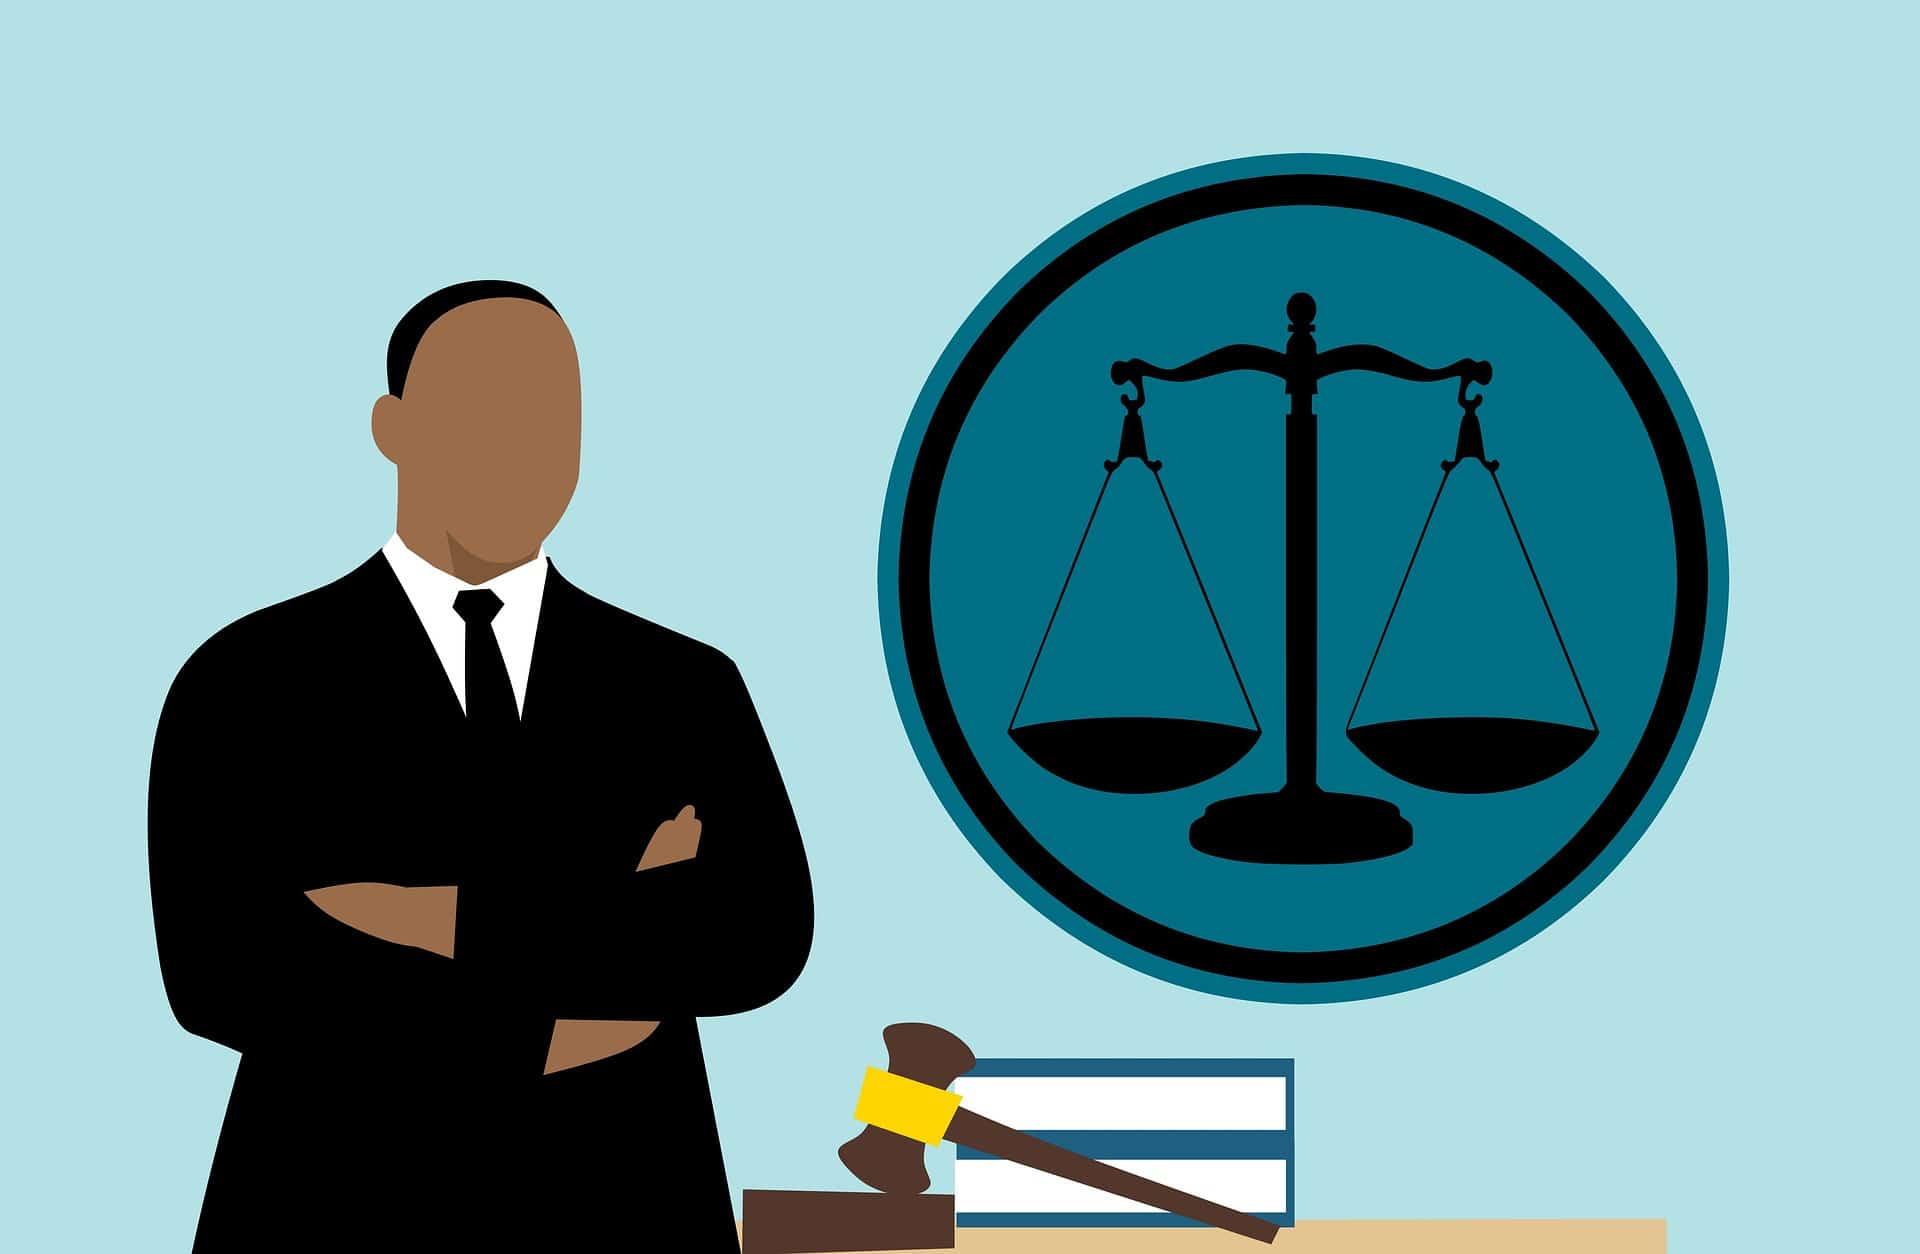 האם שופט המועמד לתפקיד בכיר צריך לחשוף את תפיסת עולמו לפני הוועדה הבוחרת?